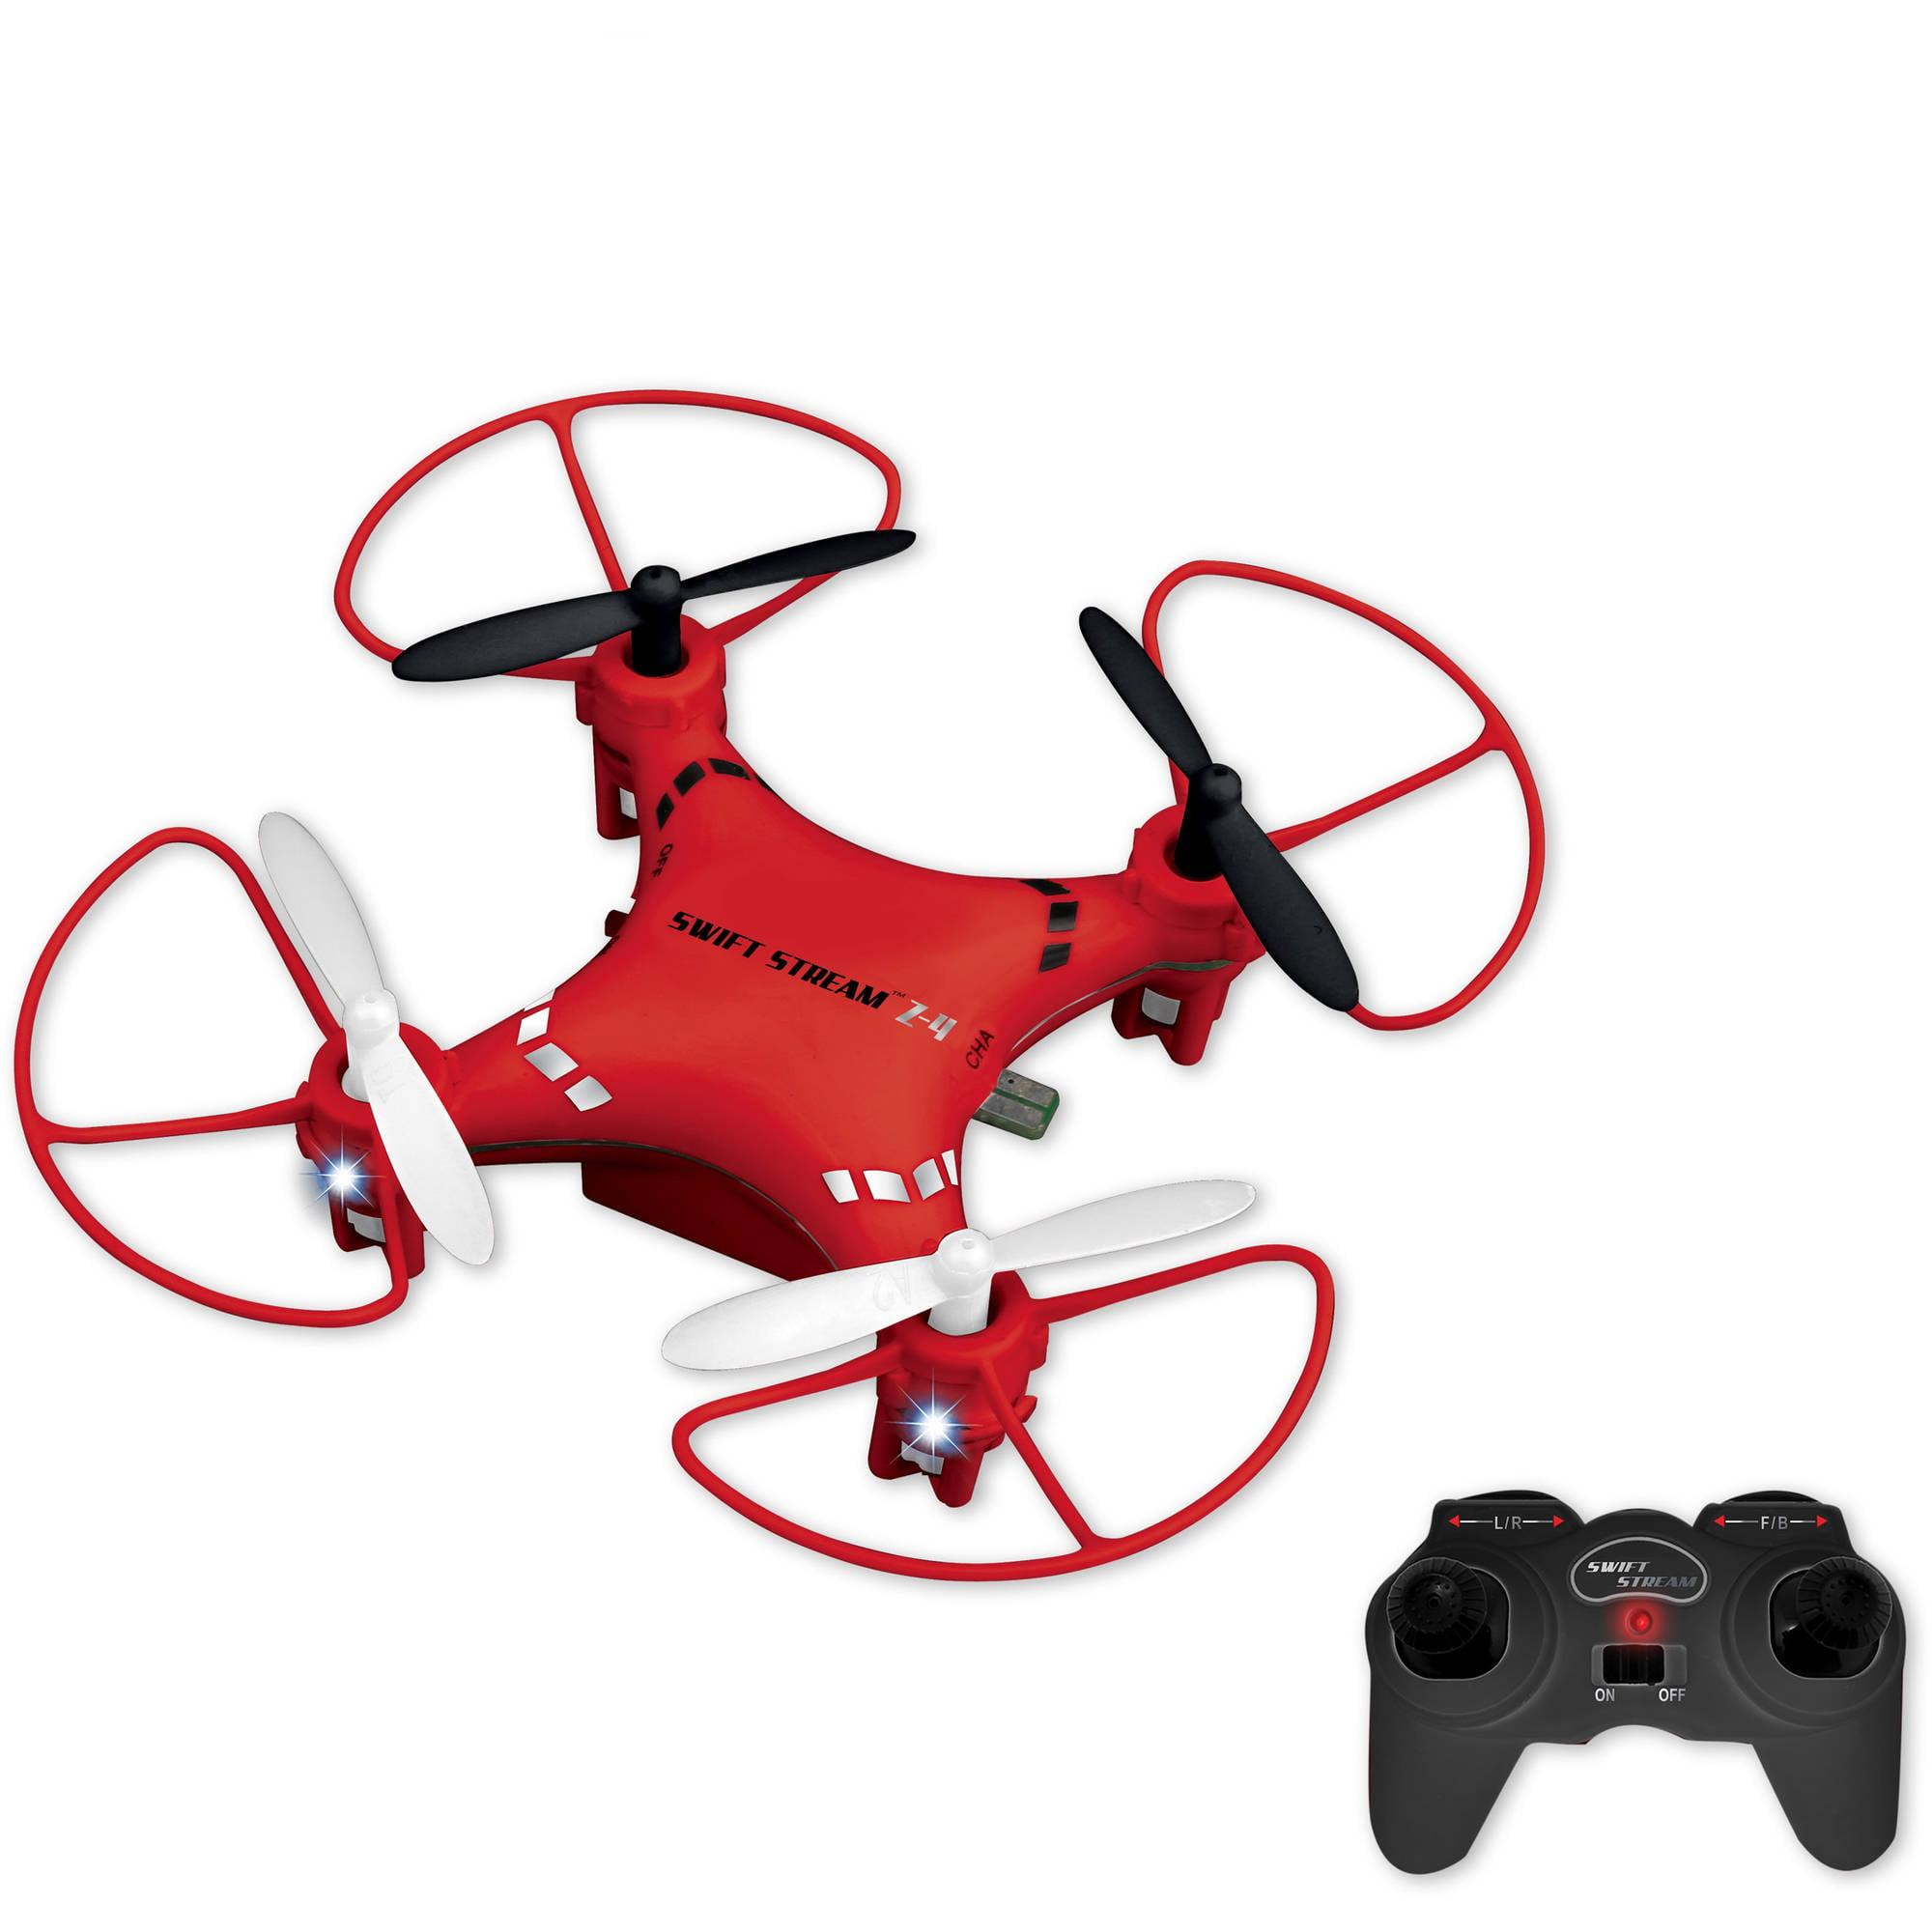 Abrim Enterprises, Inc. Swift Stream Z - 4 Remote Control 3 Mini Drone, Red